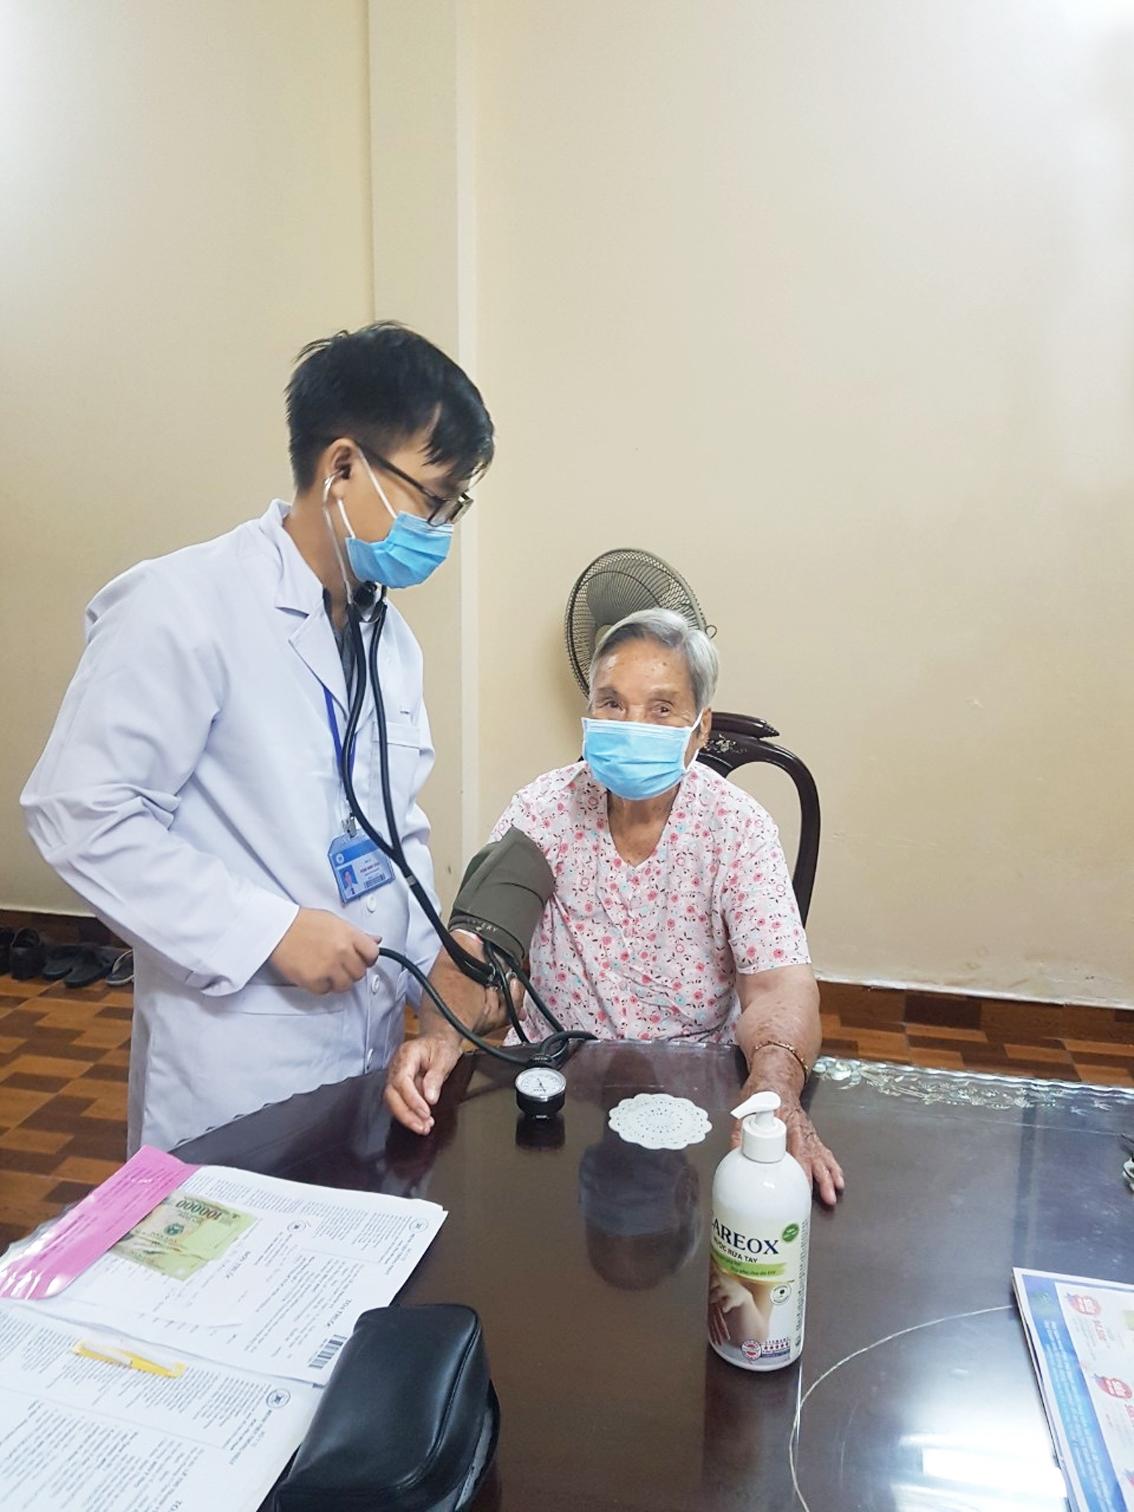 Bác sĩ Phạm Minh Công (Bệnh viện Thống Nhất) đang khám cho bệnh nhân cao tuổi nhiều bệnh lý nền tại nhà bệnh nhân tối 7/6